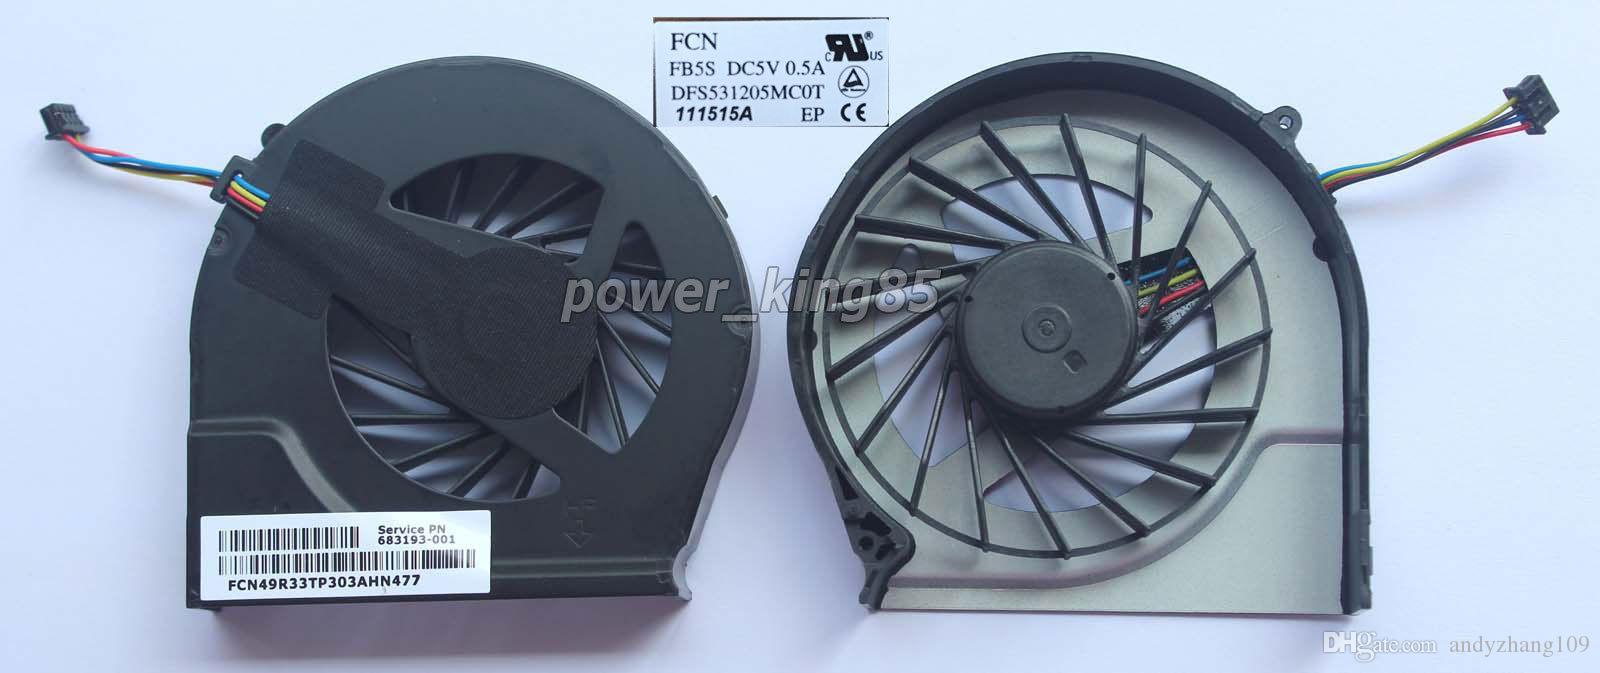 HP Pavilion G4 G4-2000 G7 için yeni orijinal FAR3300EP G7-2000 G6 G6-2000 CPU soğutma fanı 4 pins 683193-001